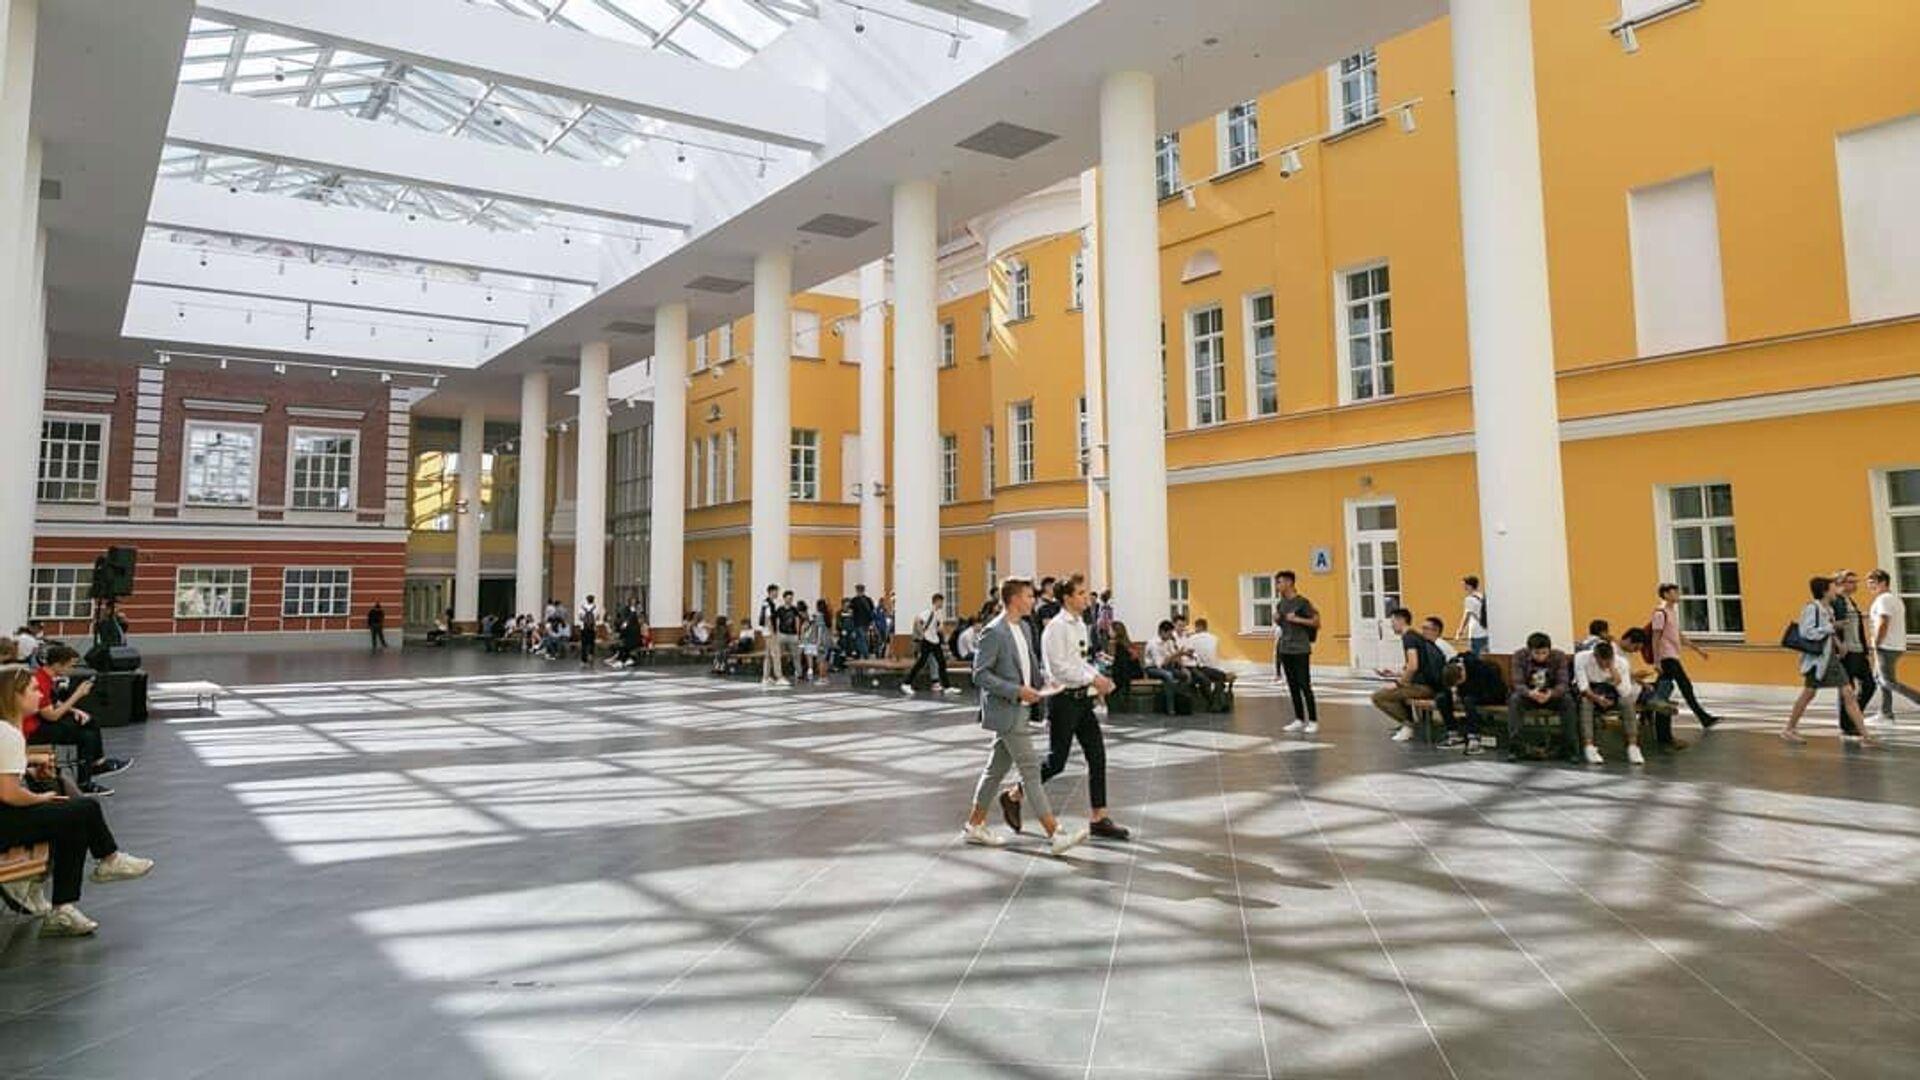 Студенты в здании Высшей школы экономики на Покровском бульваре - РИА Новости, 1920, 02.02.2021